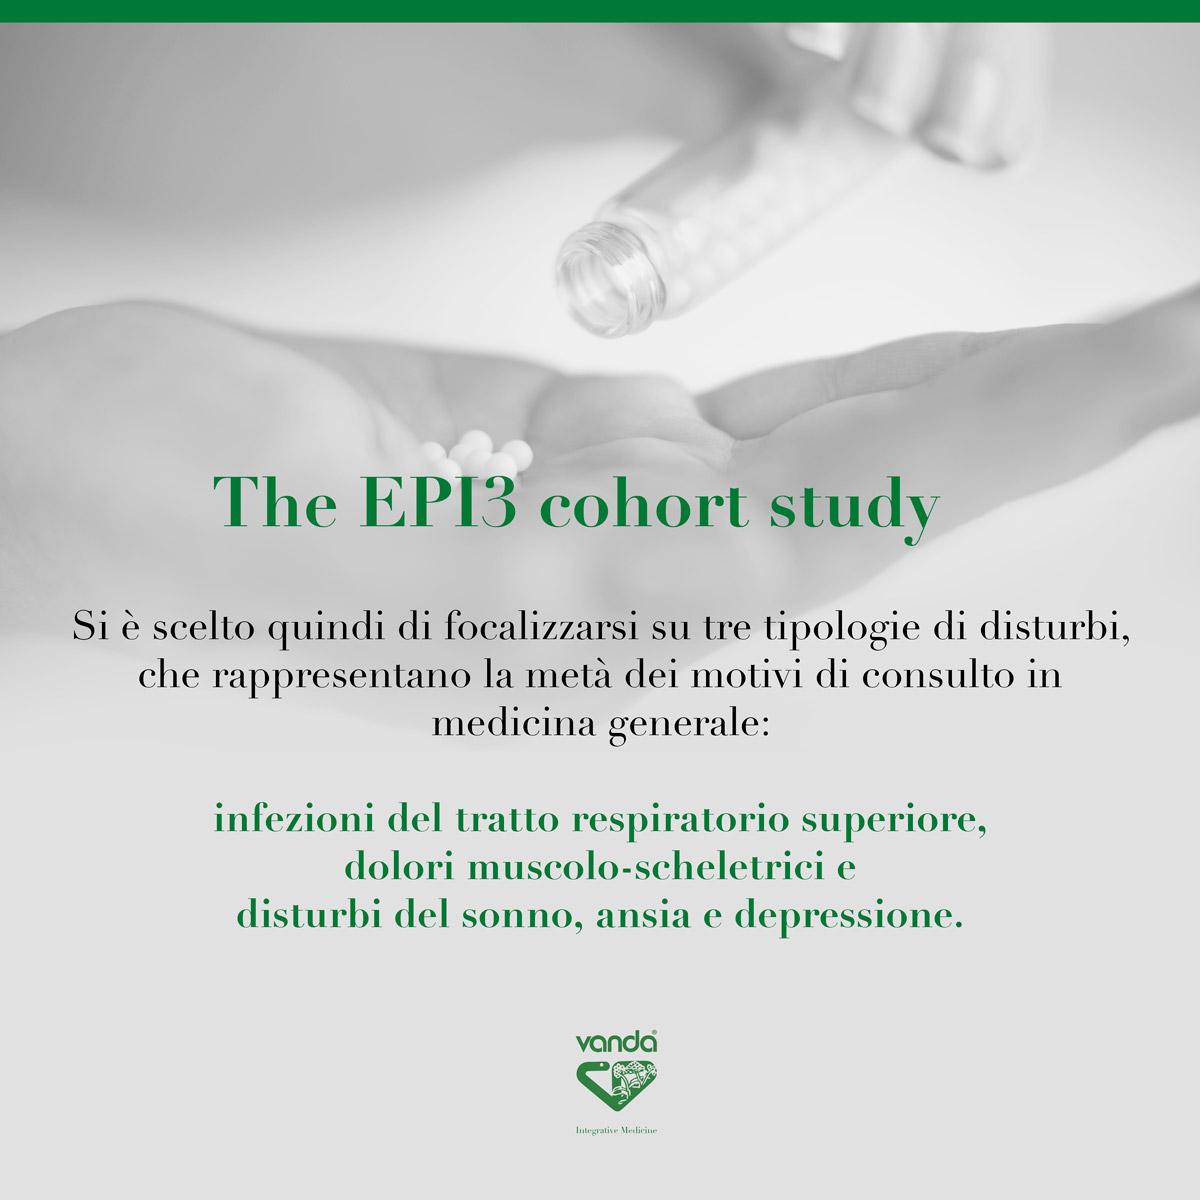 epi3 studio di coorte sull'omeopatia 2017